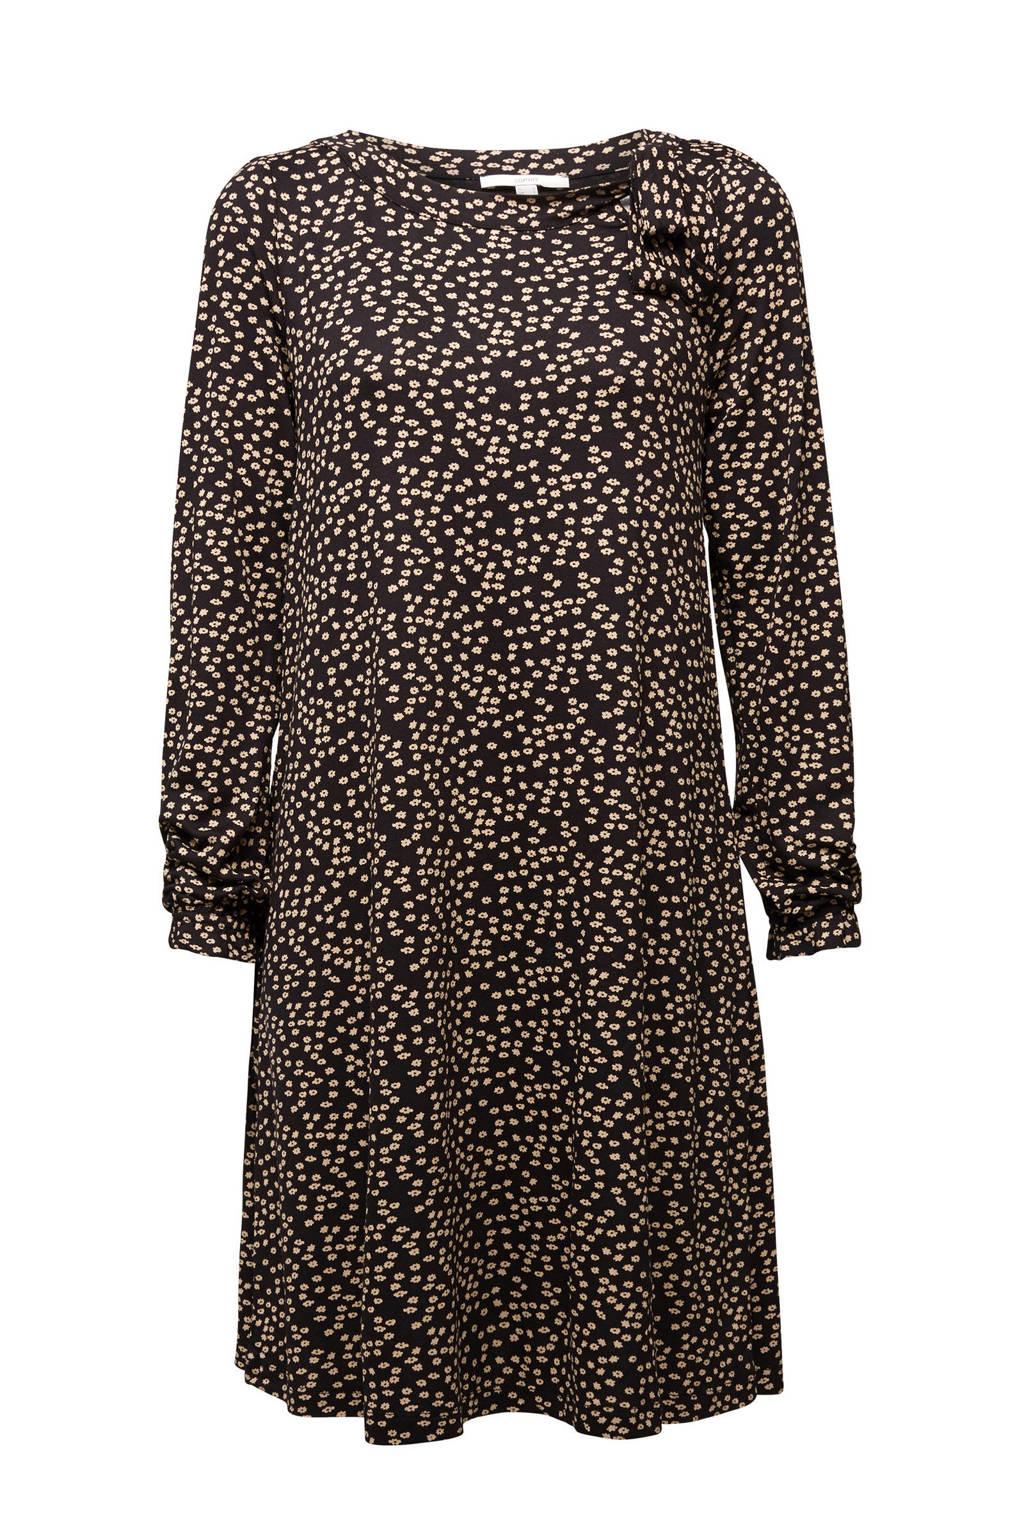 ESPRIT Women Casual jurk met all over print zwart/zand, Zwart/zand